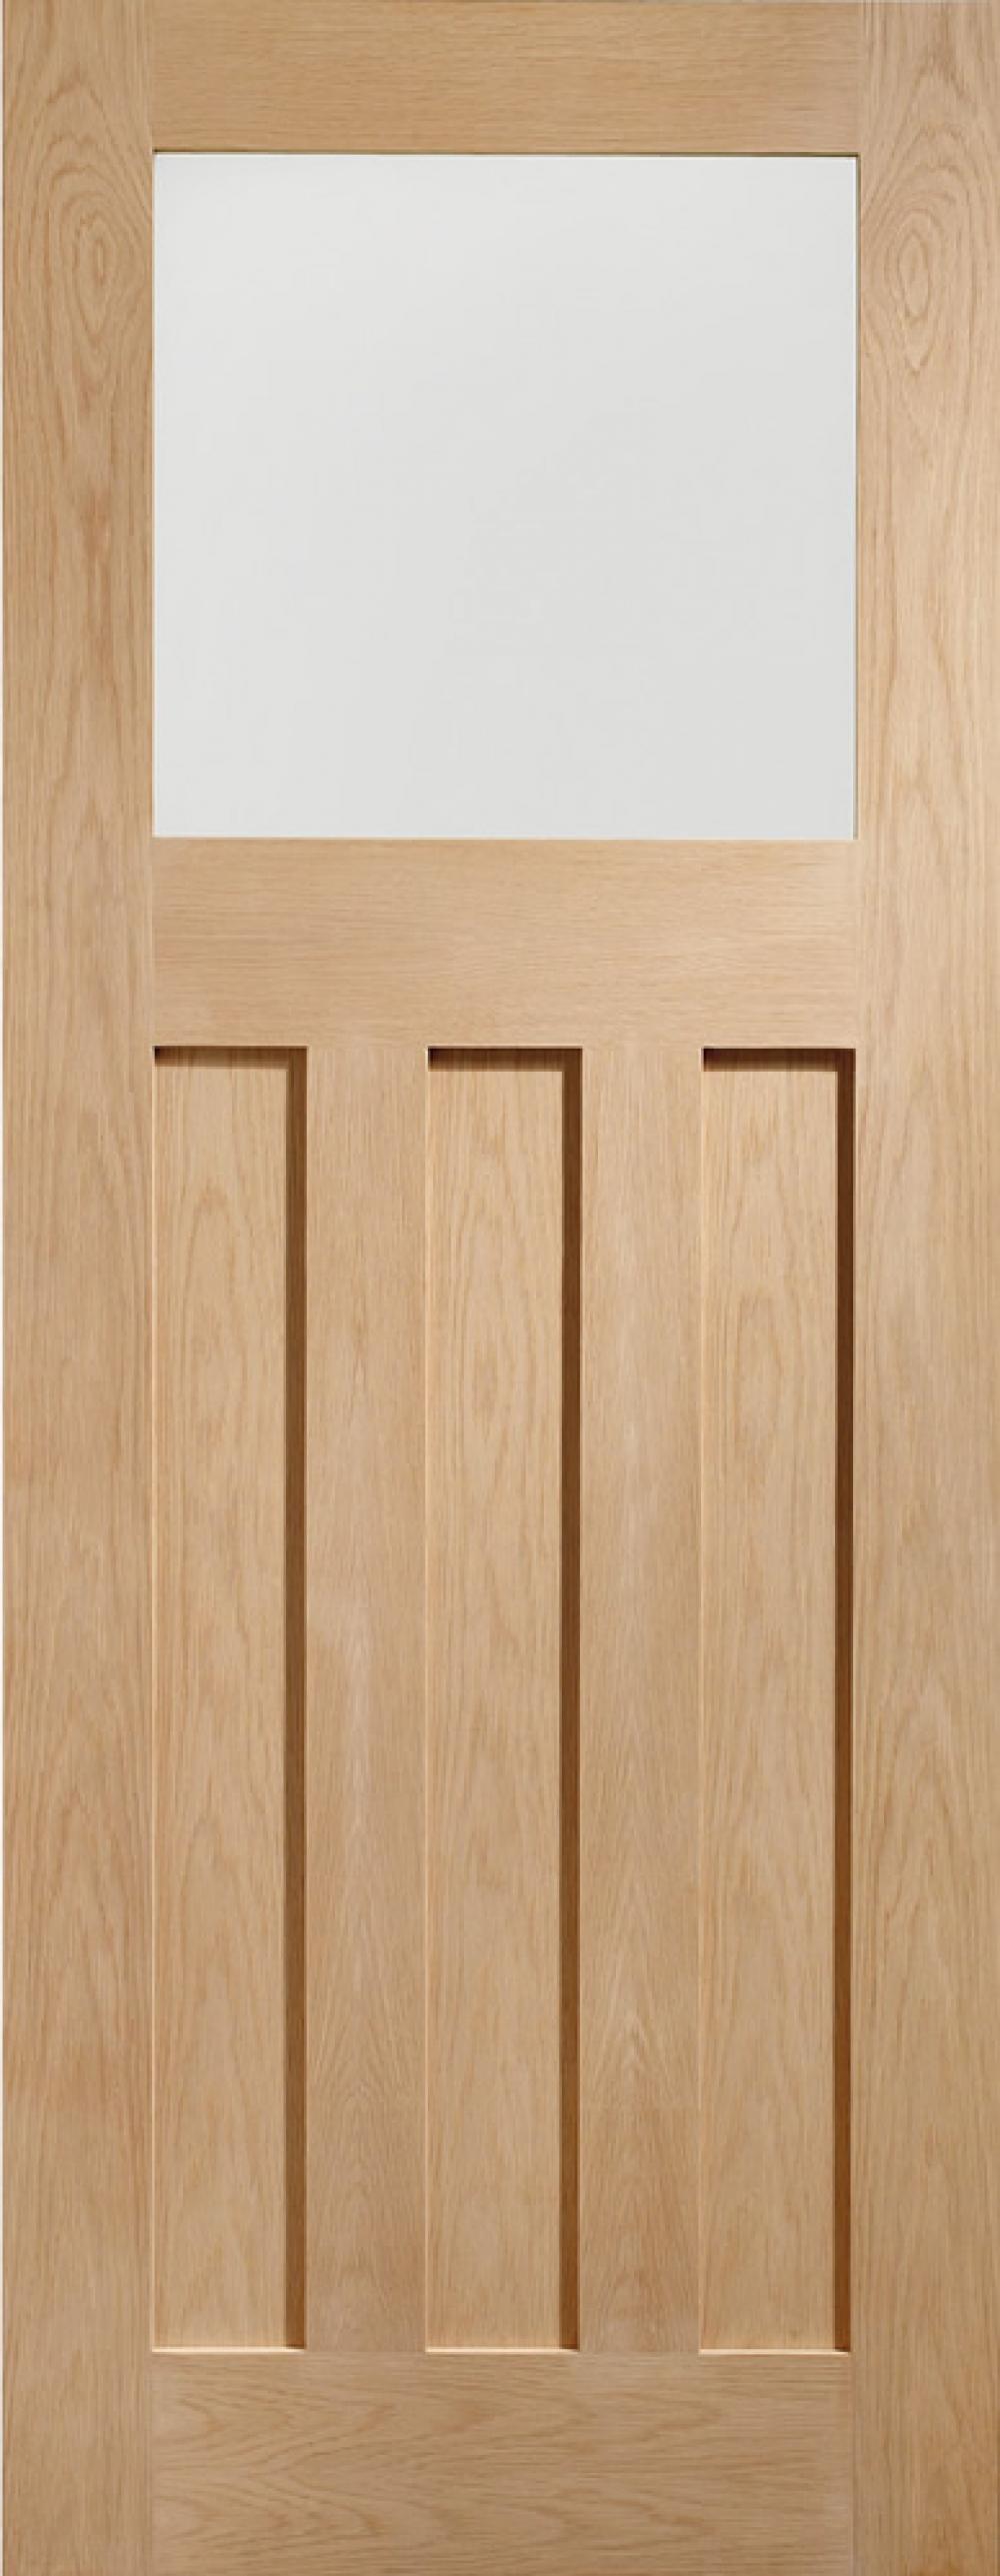 DX Oak Glazed Door - Obscure PREFINISHED